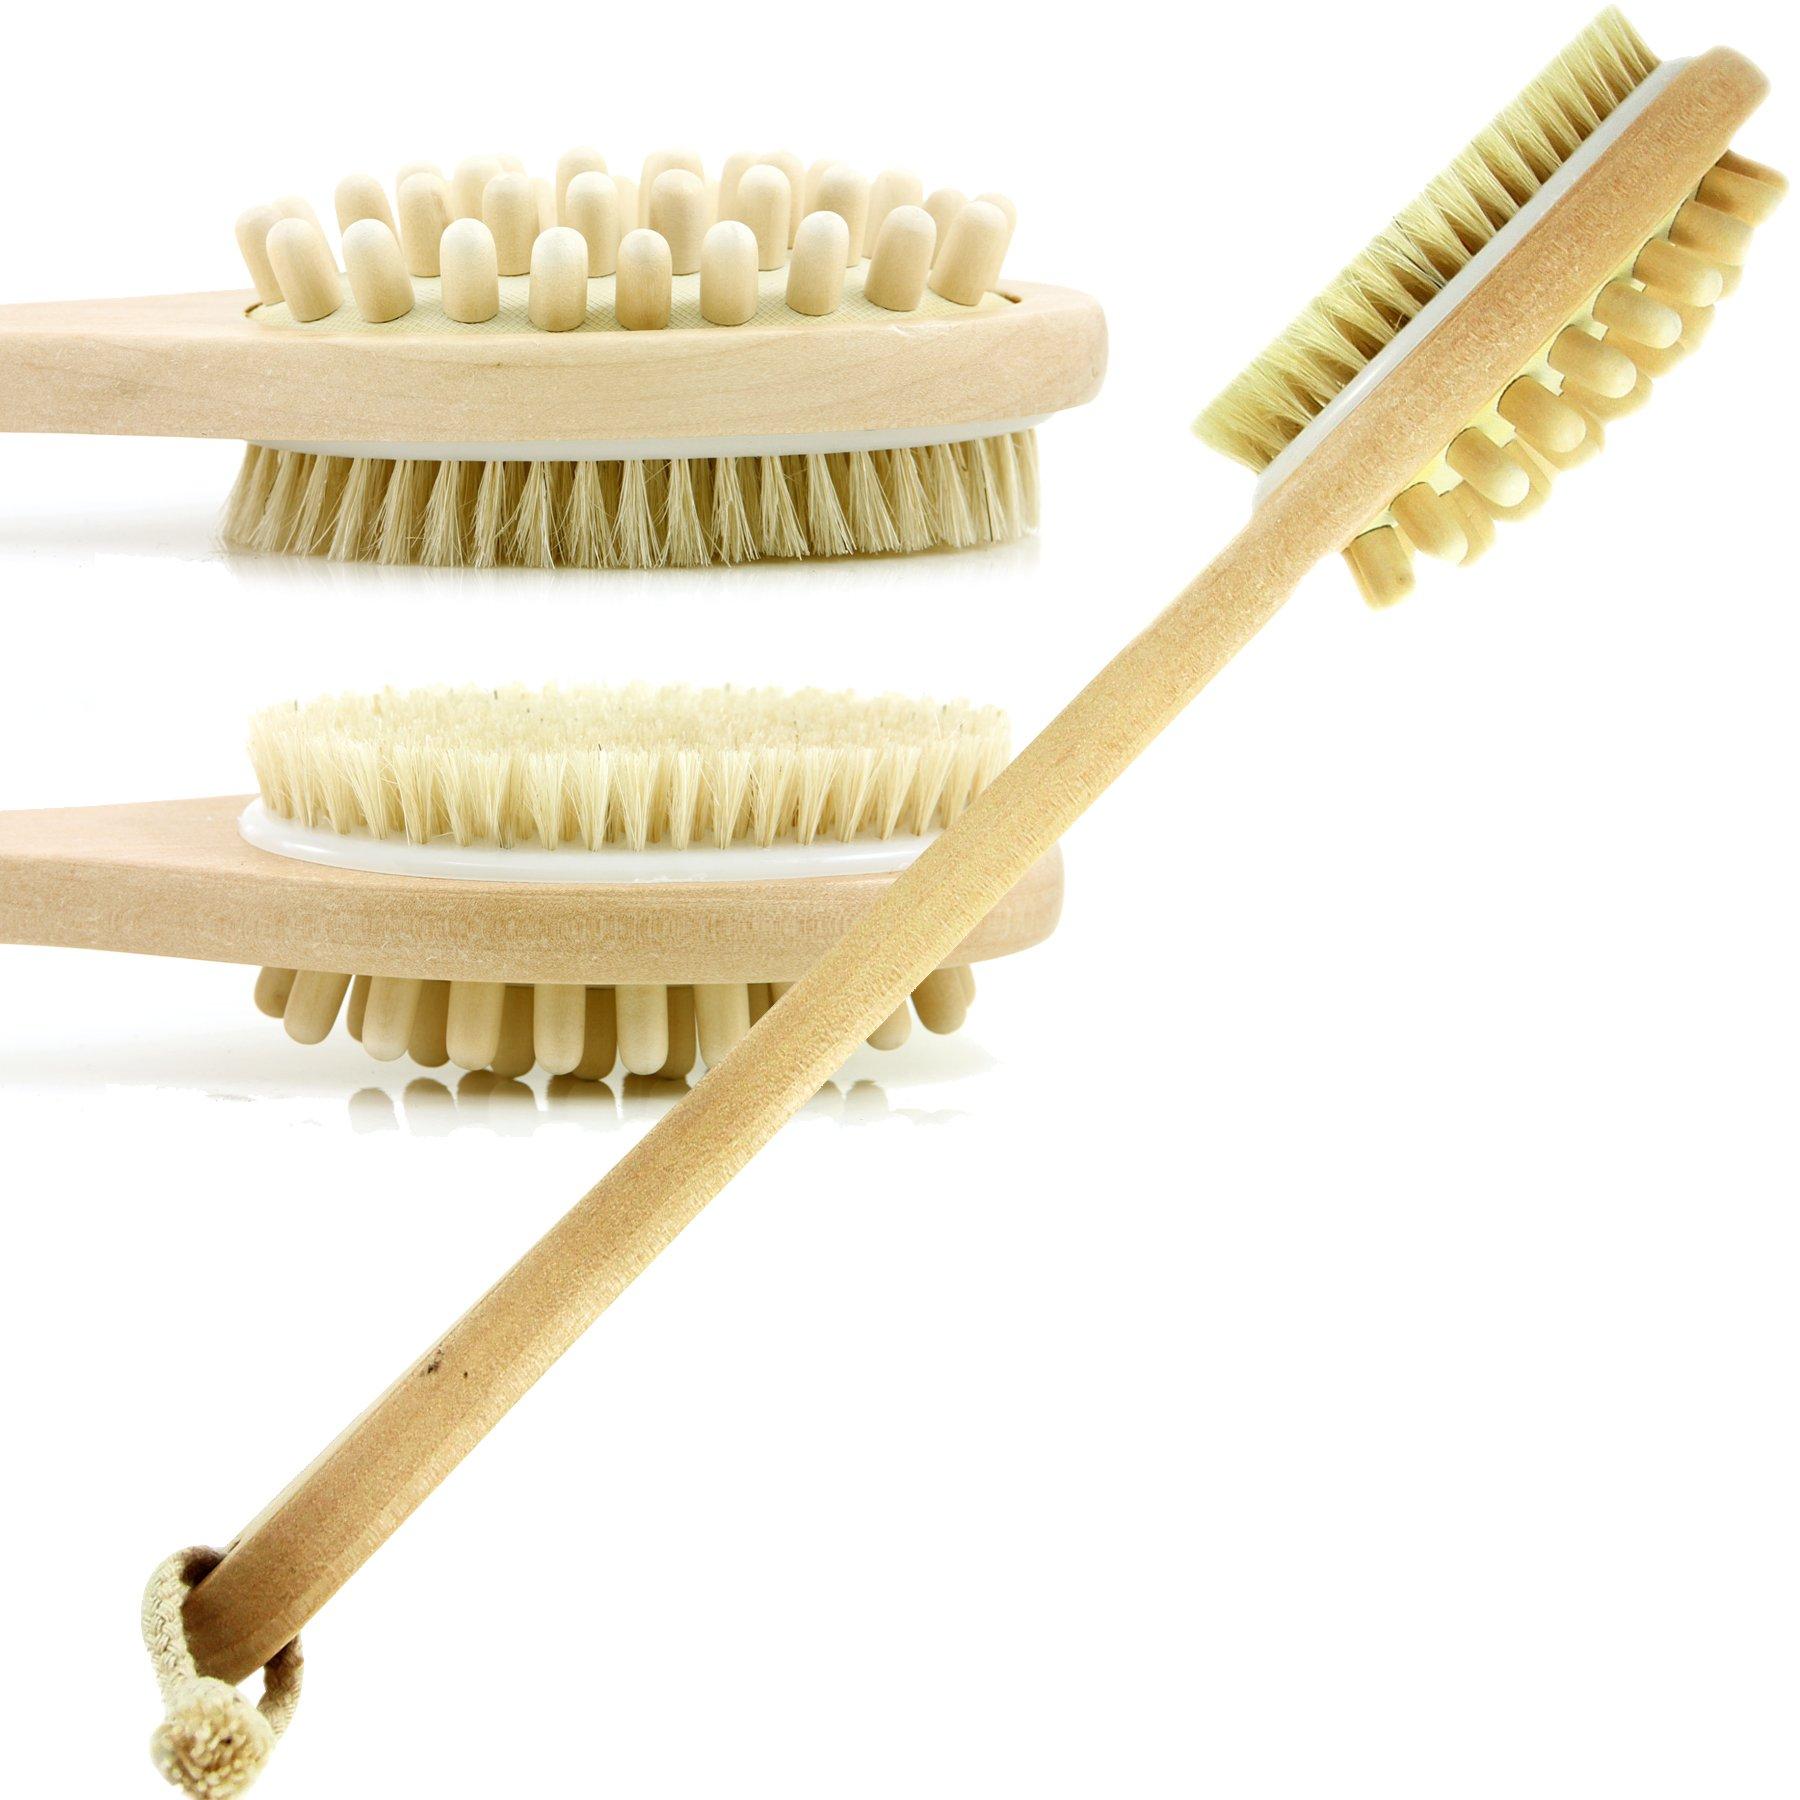 Bath & Relax Bath Body Brush Natural Bristles Long Handled Shower Back Scrubber Brush - Exfoliating Scrub Skin Brush - Back Shower Brush - Dry or Wet Body Brushing - For Men and Women